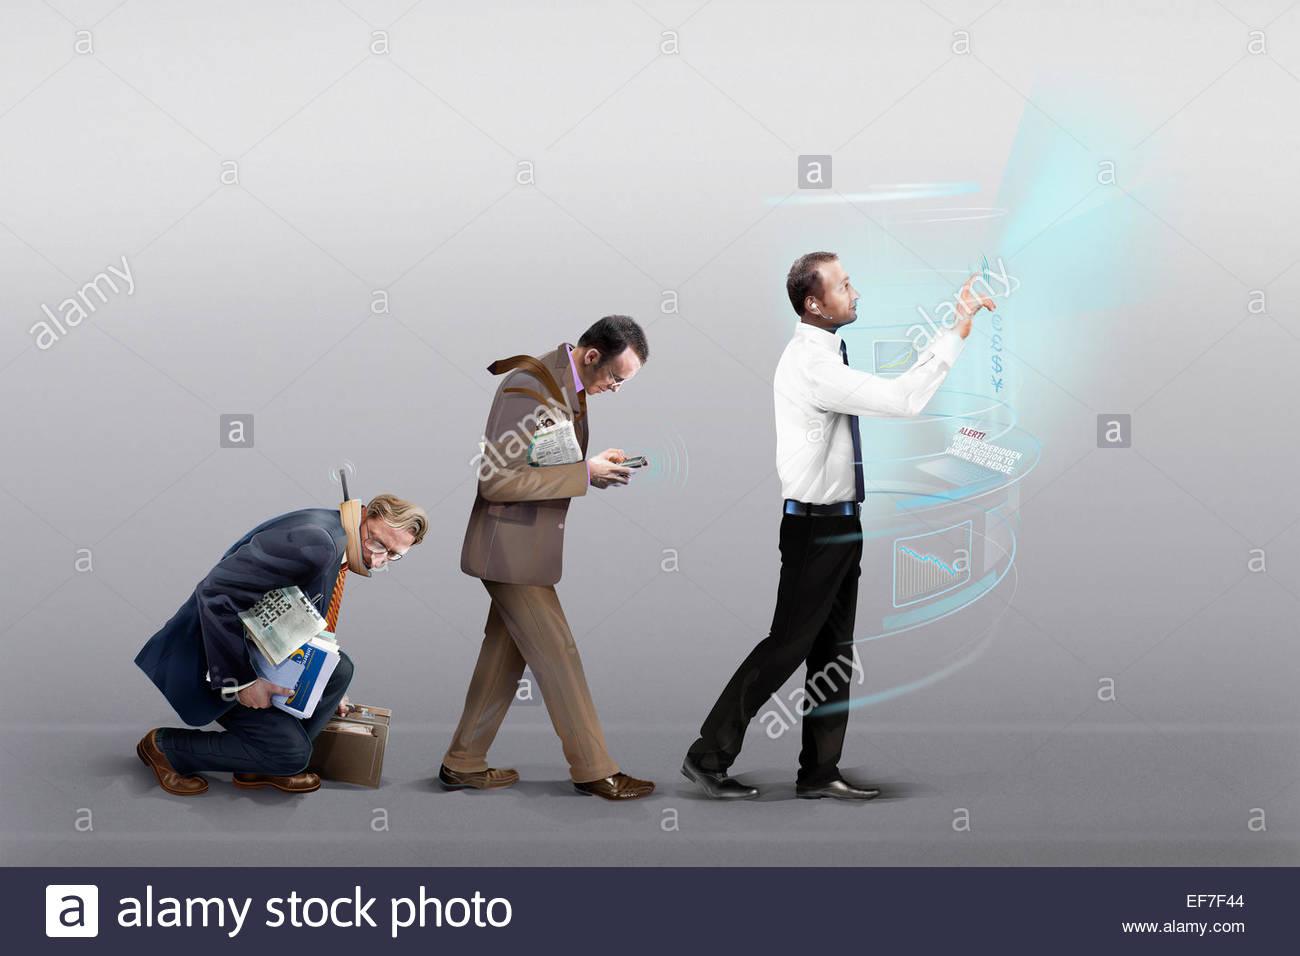 Trois hommes d'étapes de l'évolution de la technologie de communication mobile Photo Stock